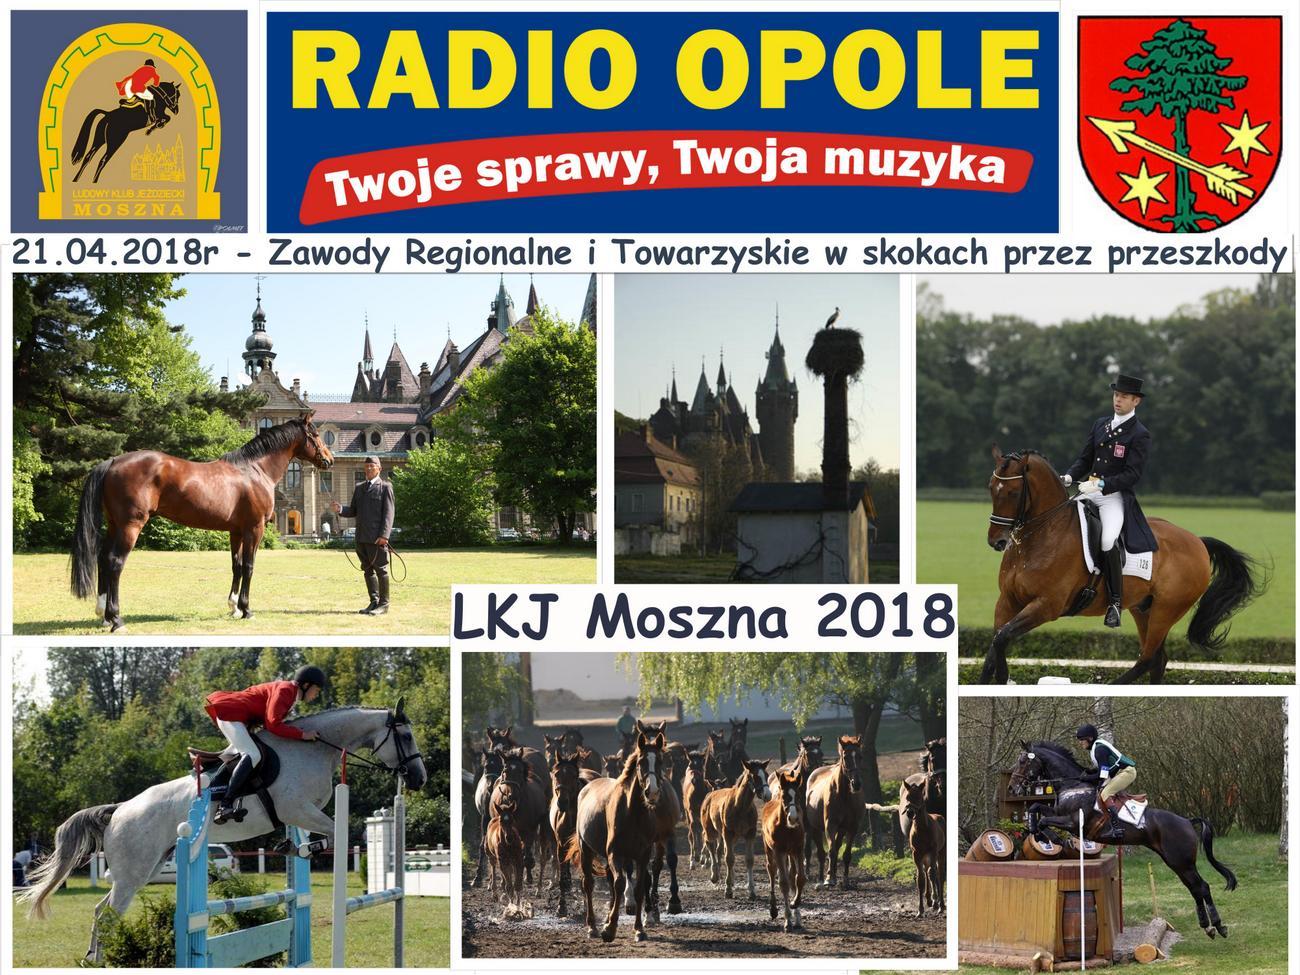 Zawody jeździeckie w Mosznej 2018 [materiały organizatora]